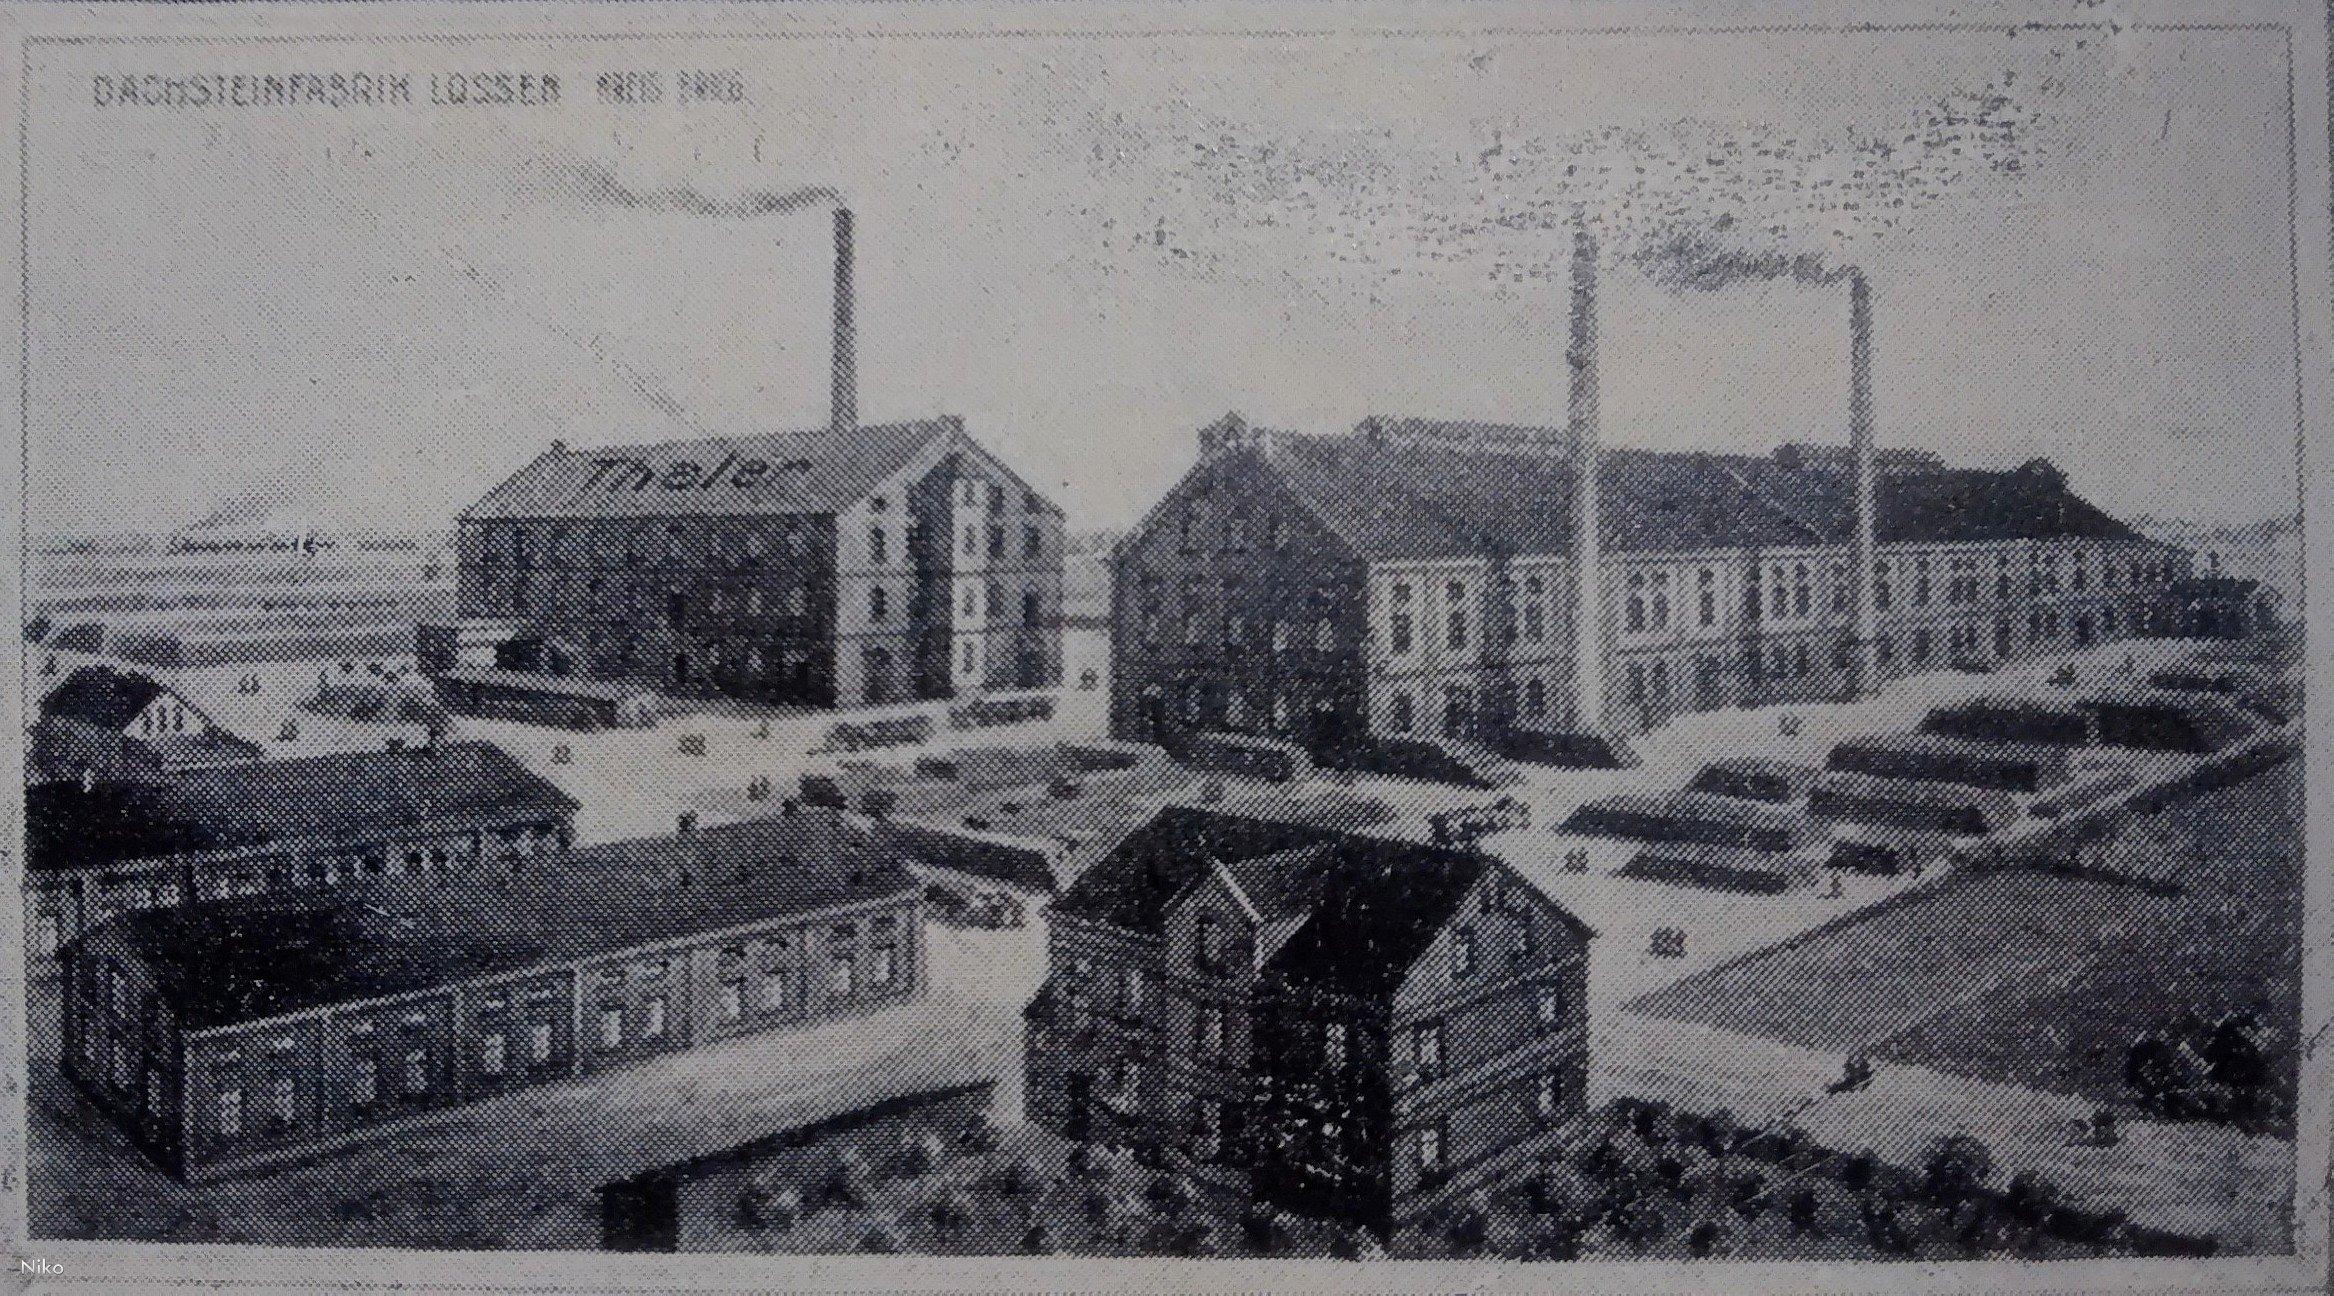 Łosiów f-ka dachów 1933